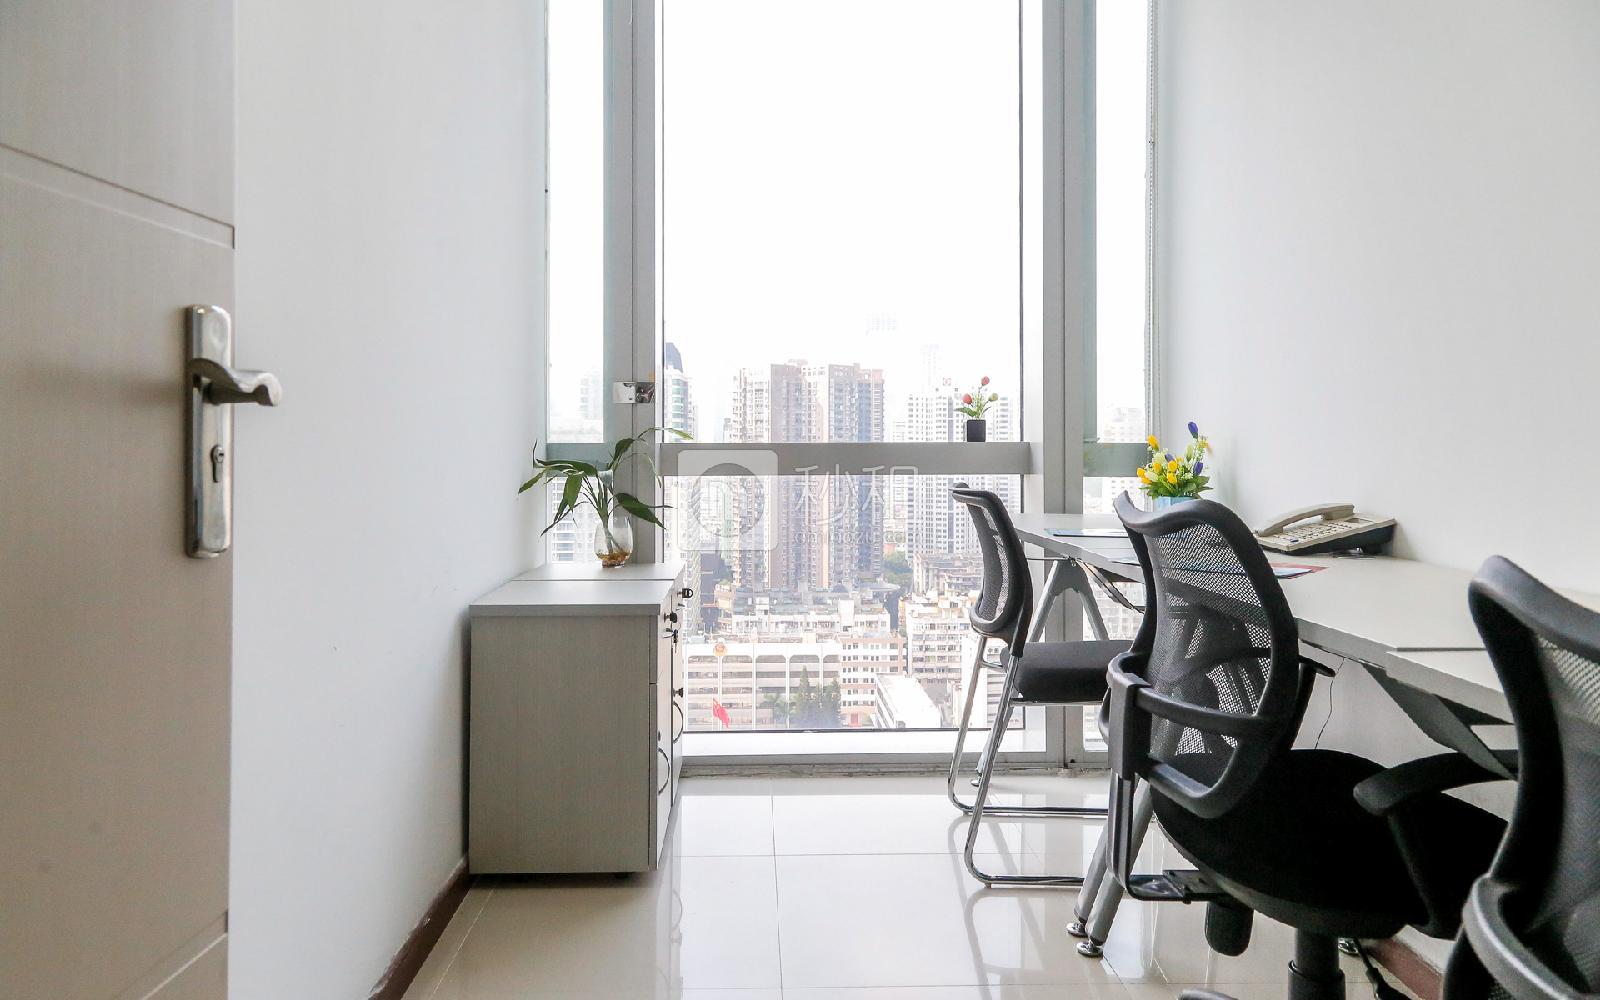 创富港-大中华国际金融中心写字楼出租11平米简装办公室4460元/间.月